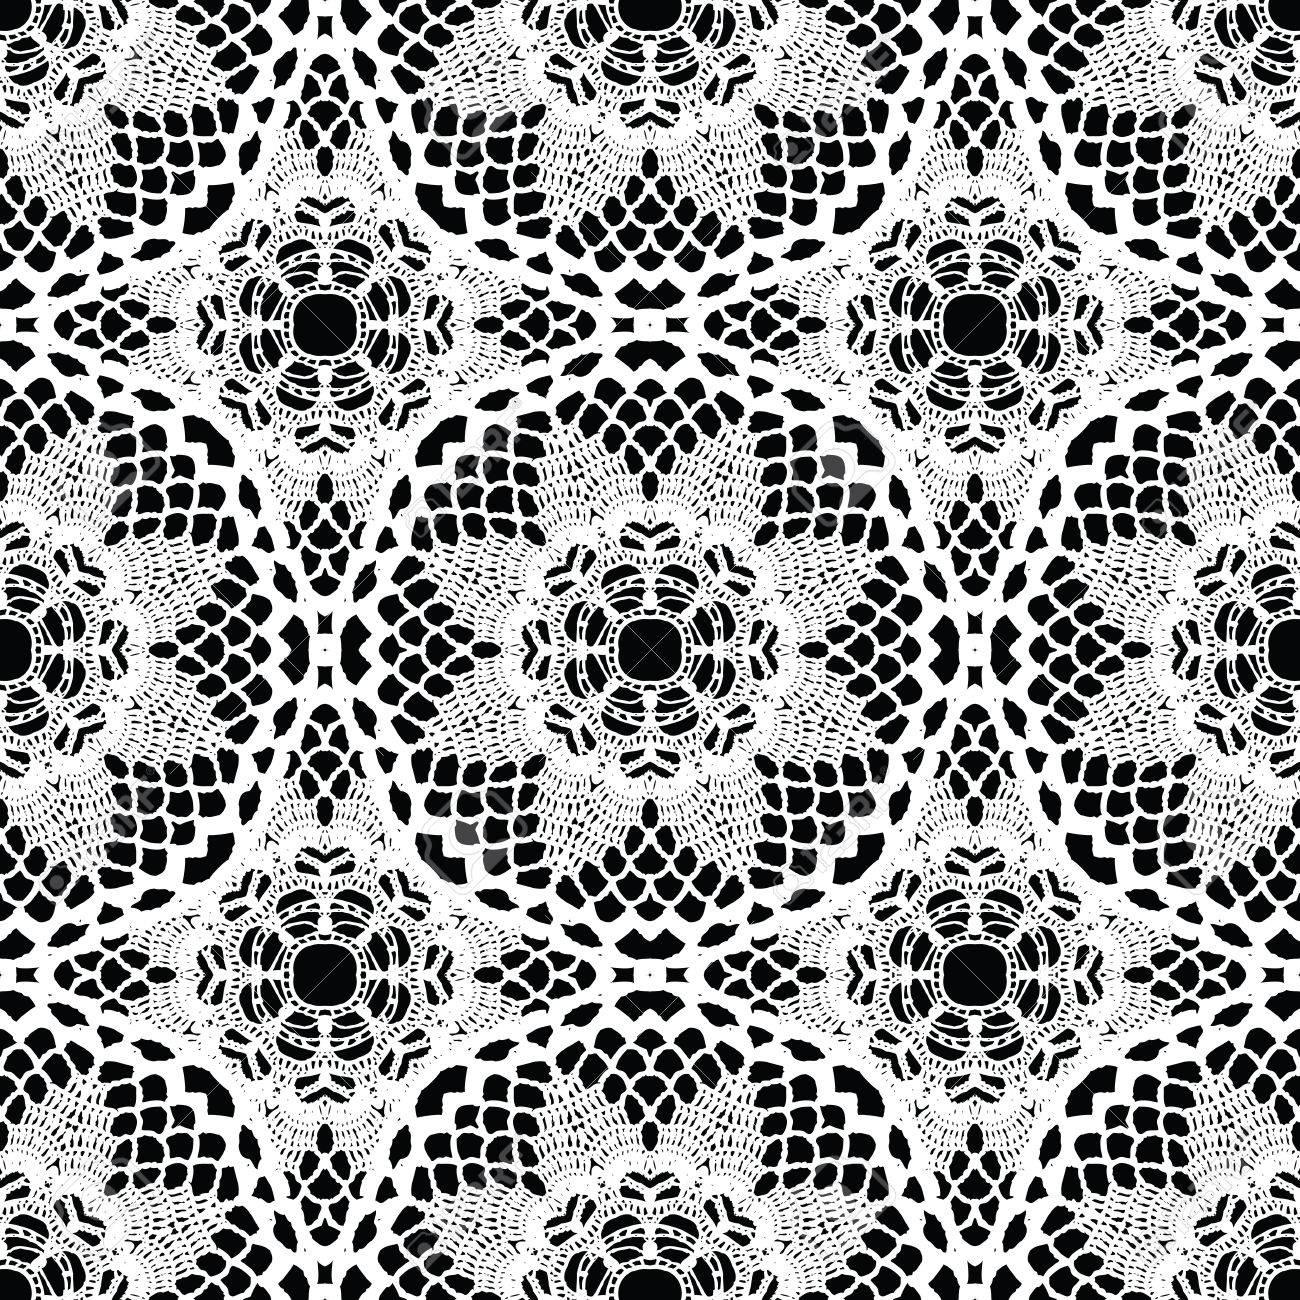 レースの白いシームレスなメッシュ パターンベクトル イラストの